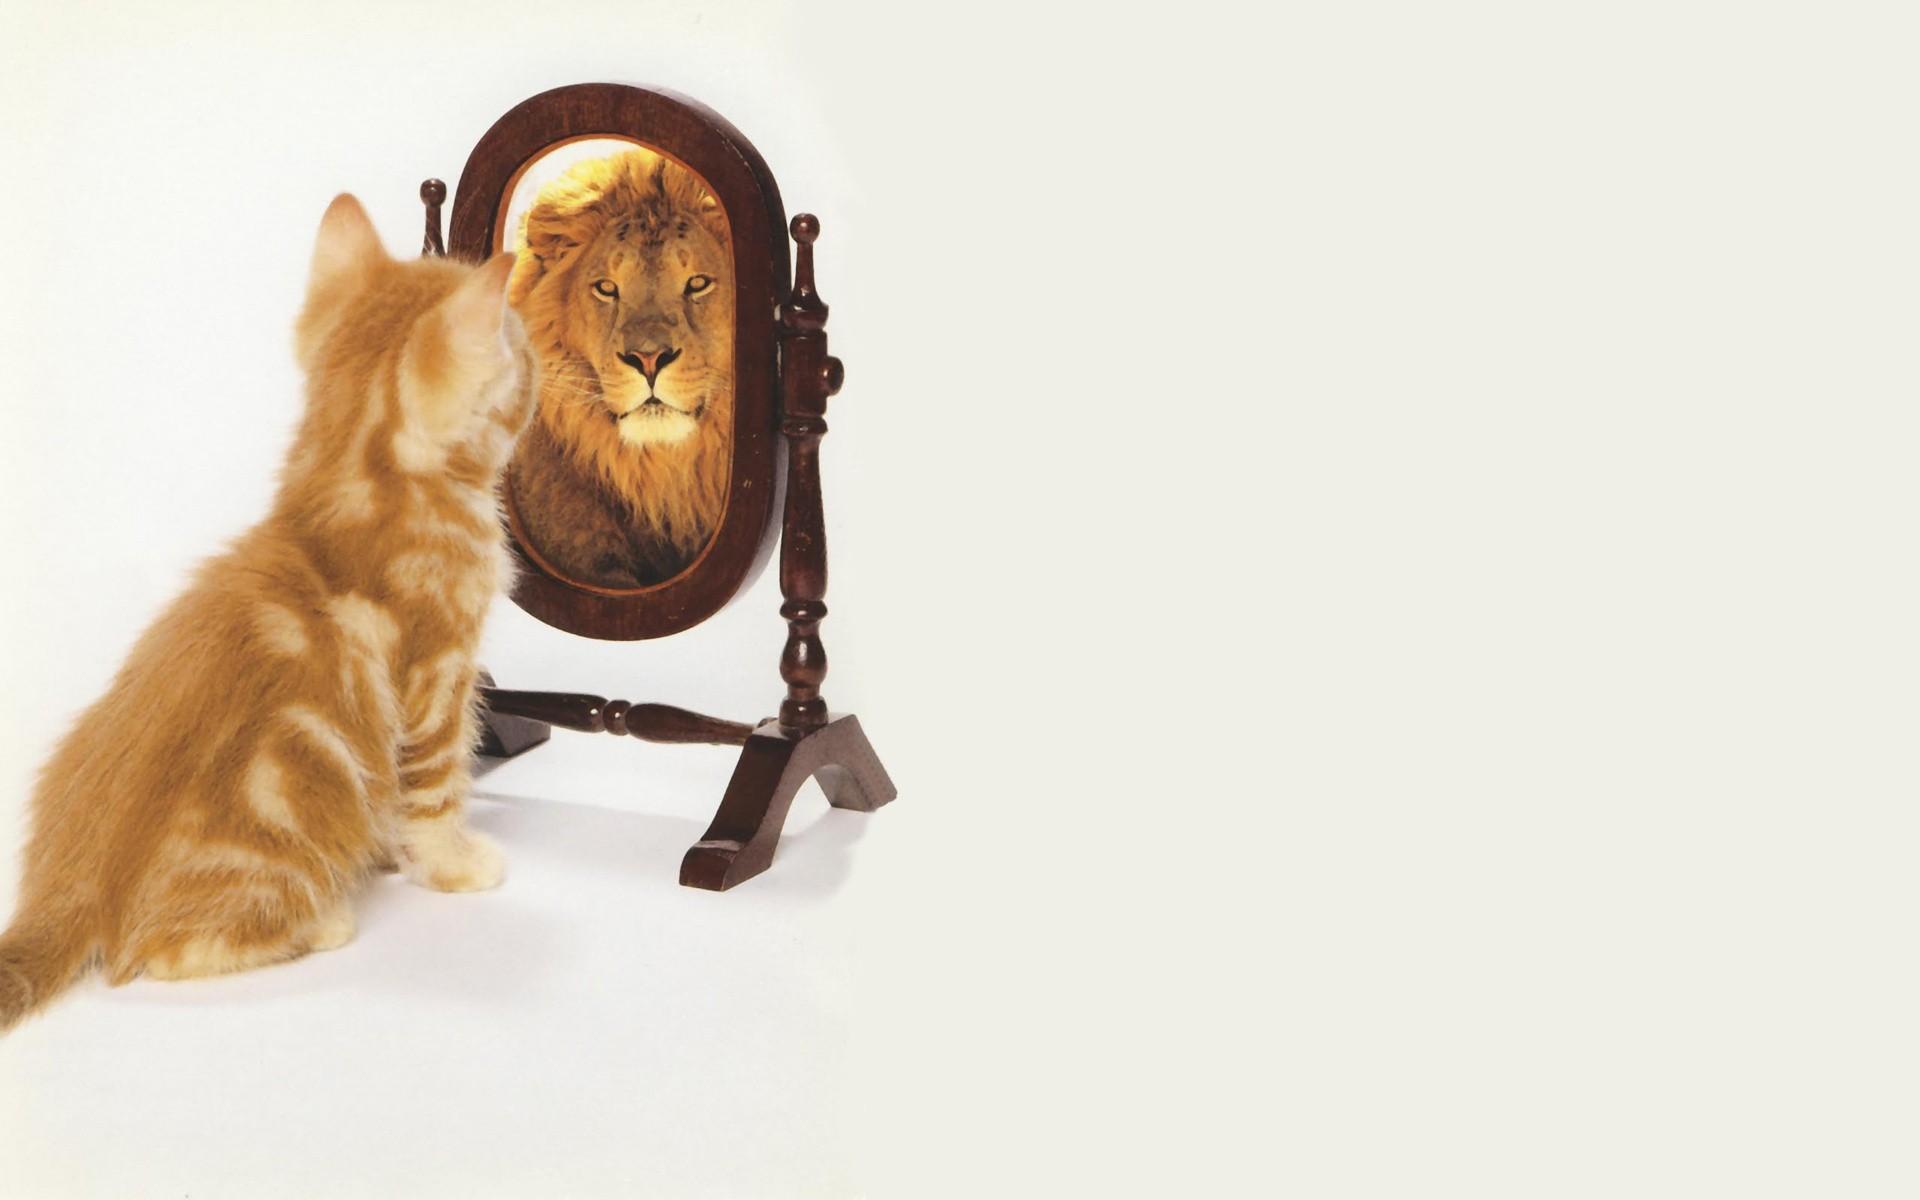 Un gato en el espejo - 1920x1200